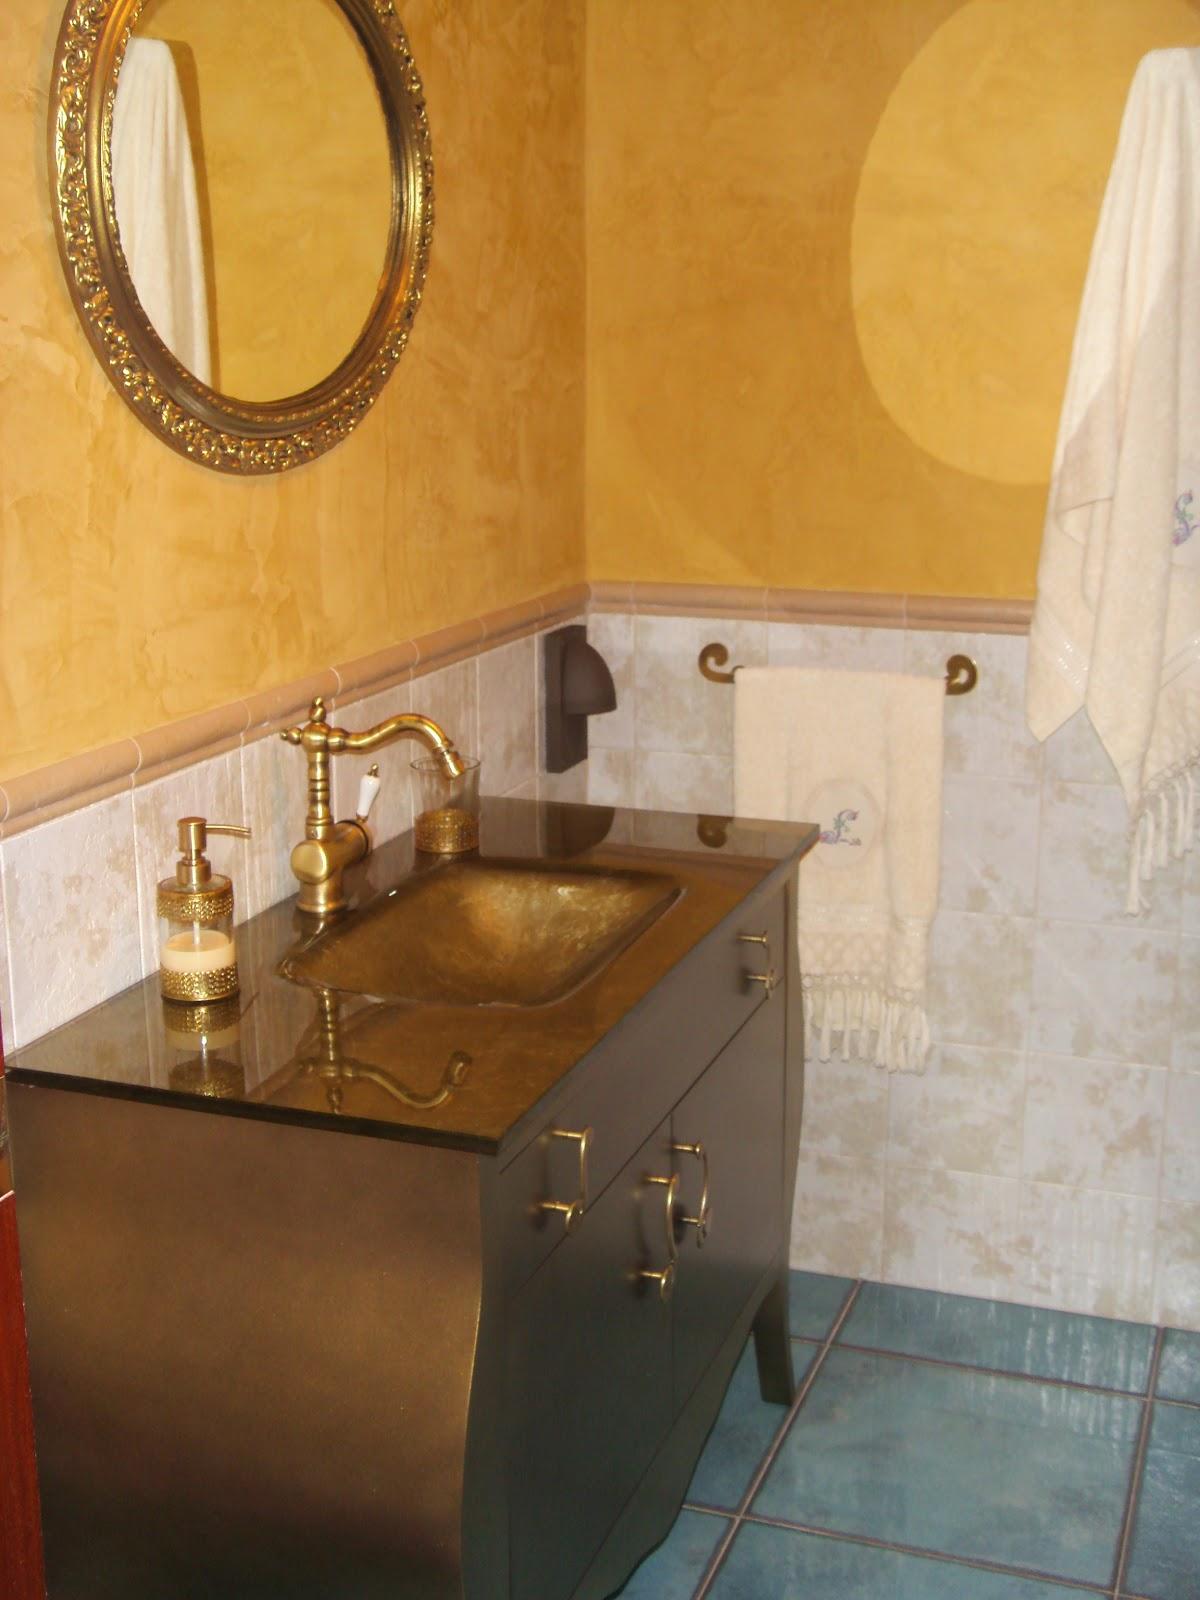 Leticia andreu lavabo minimalista estilo cl sico for Lavabo minimalista